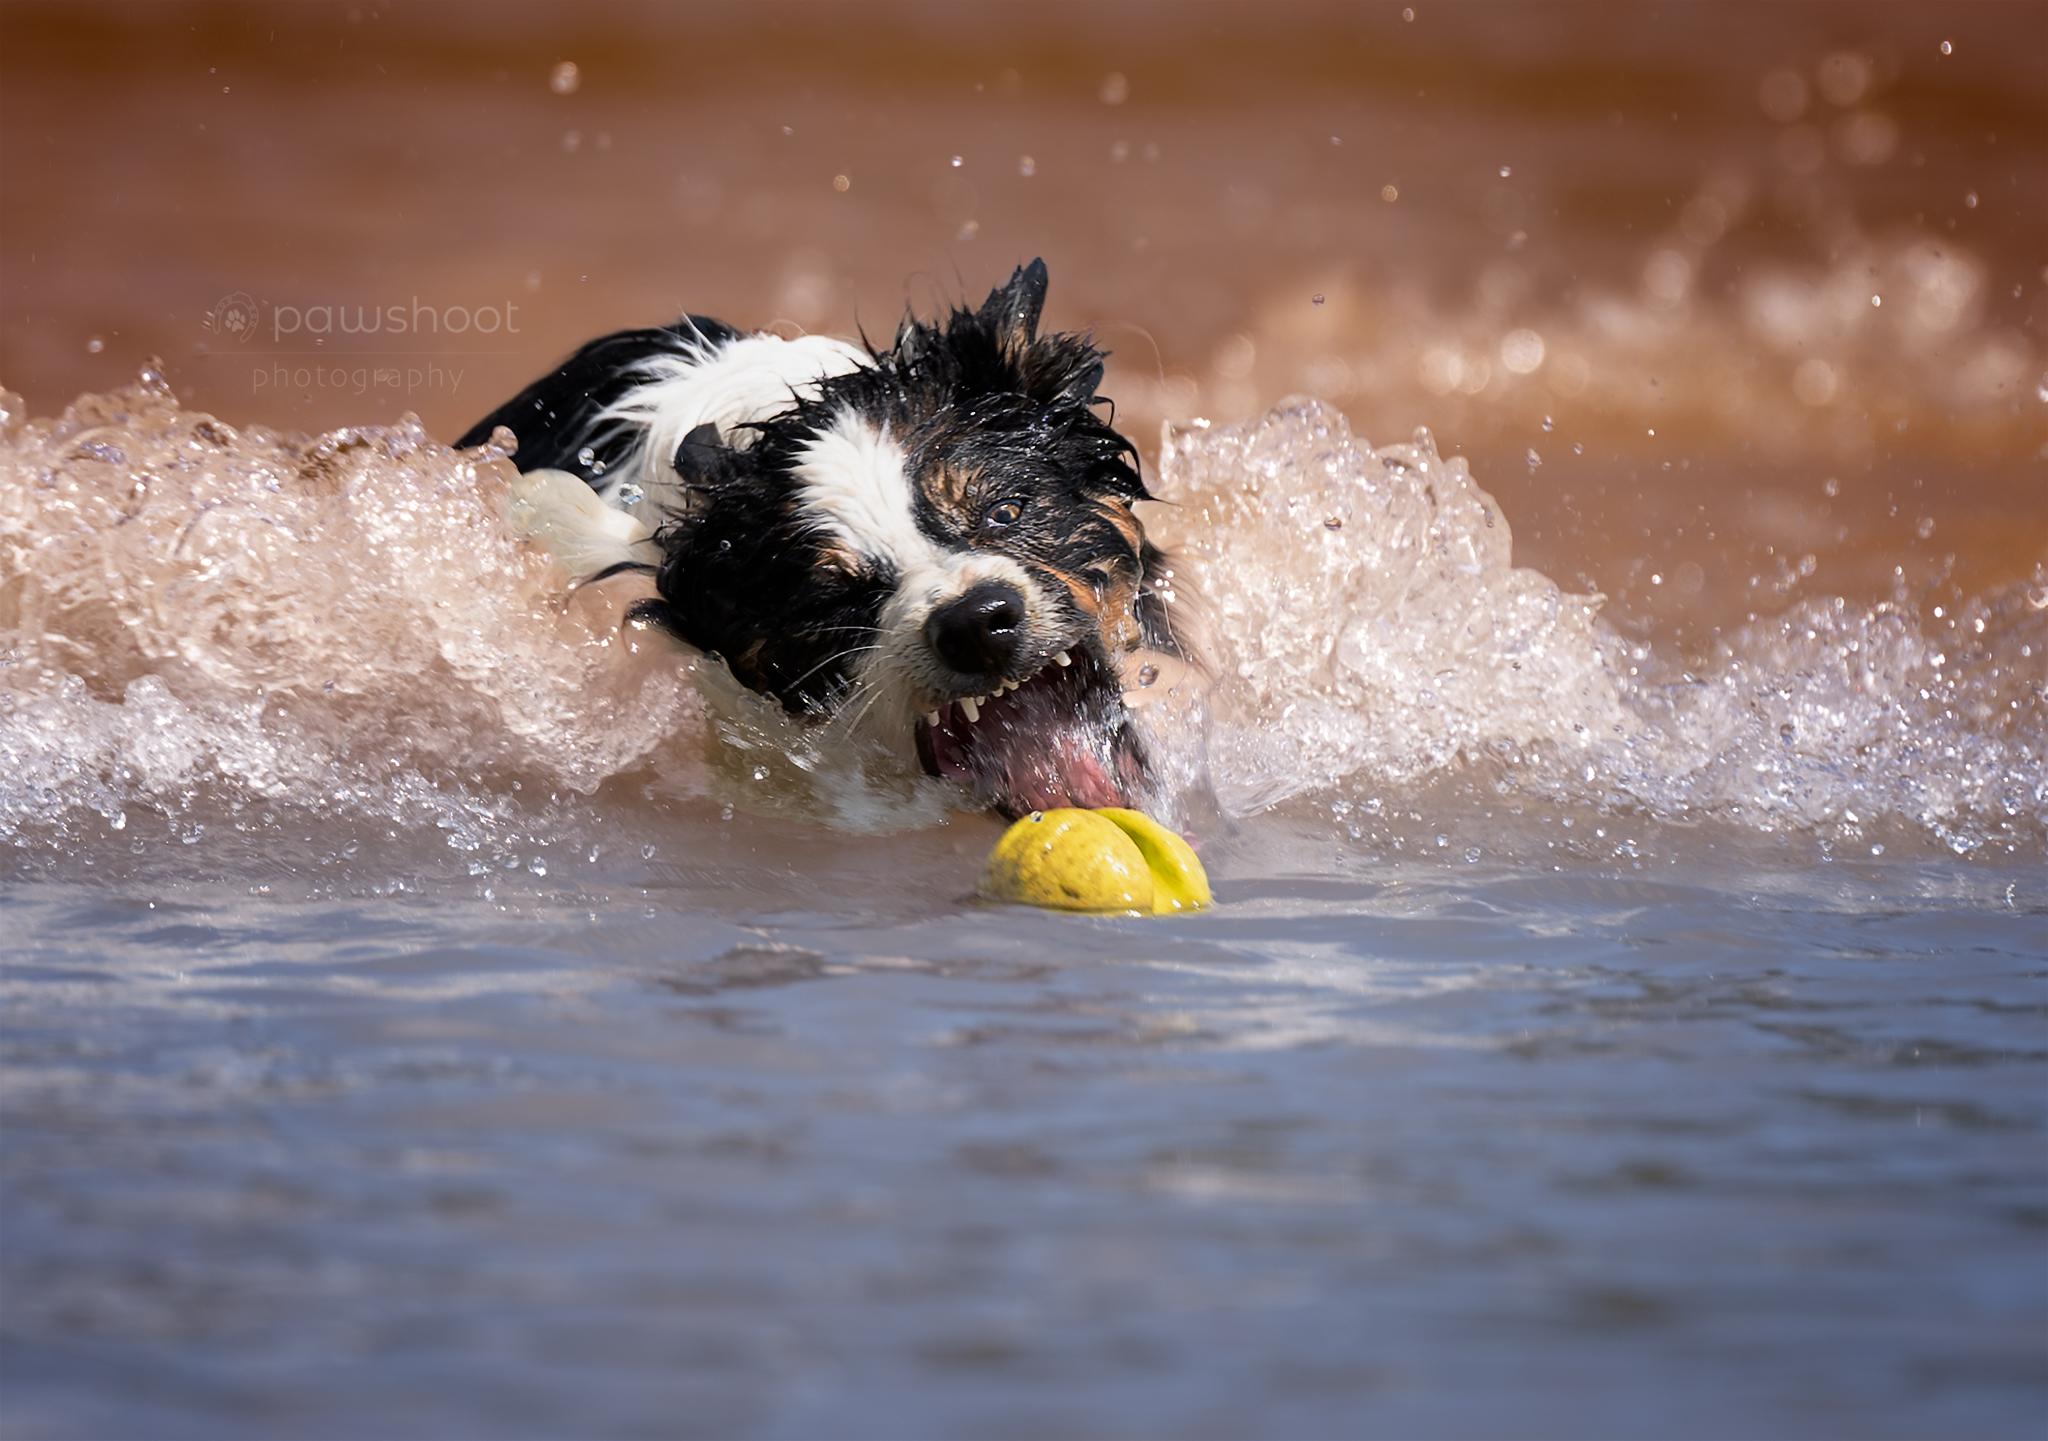 hond en waterbal Pawshoot hondenfotografie